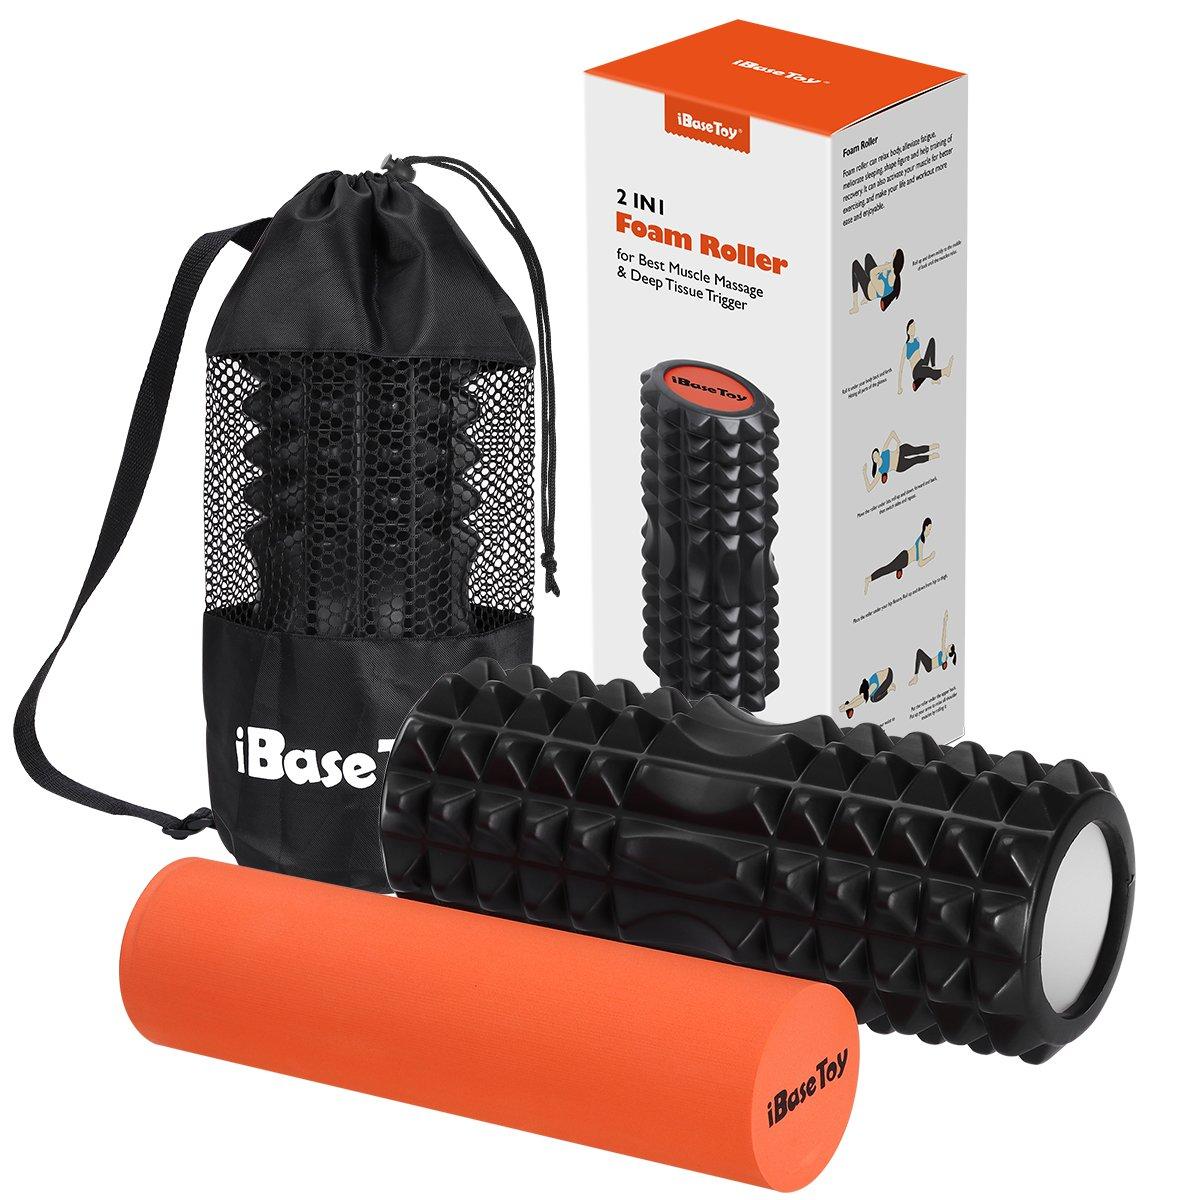 Faszienrolle Massagerolle Foam Roller Set 2 in 1 zur Muskelmassage für Sport Yoga Fitness Physiotherapie Lösung von Verspannungen Größe 33cm – Schwarz/Orange (Tragetasche inklusive) IBASETOY